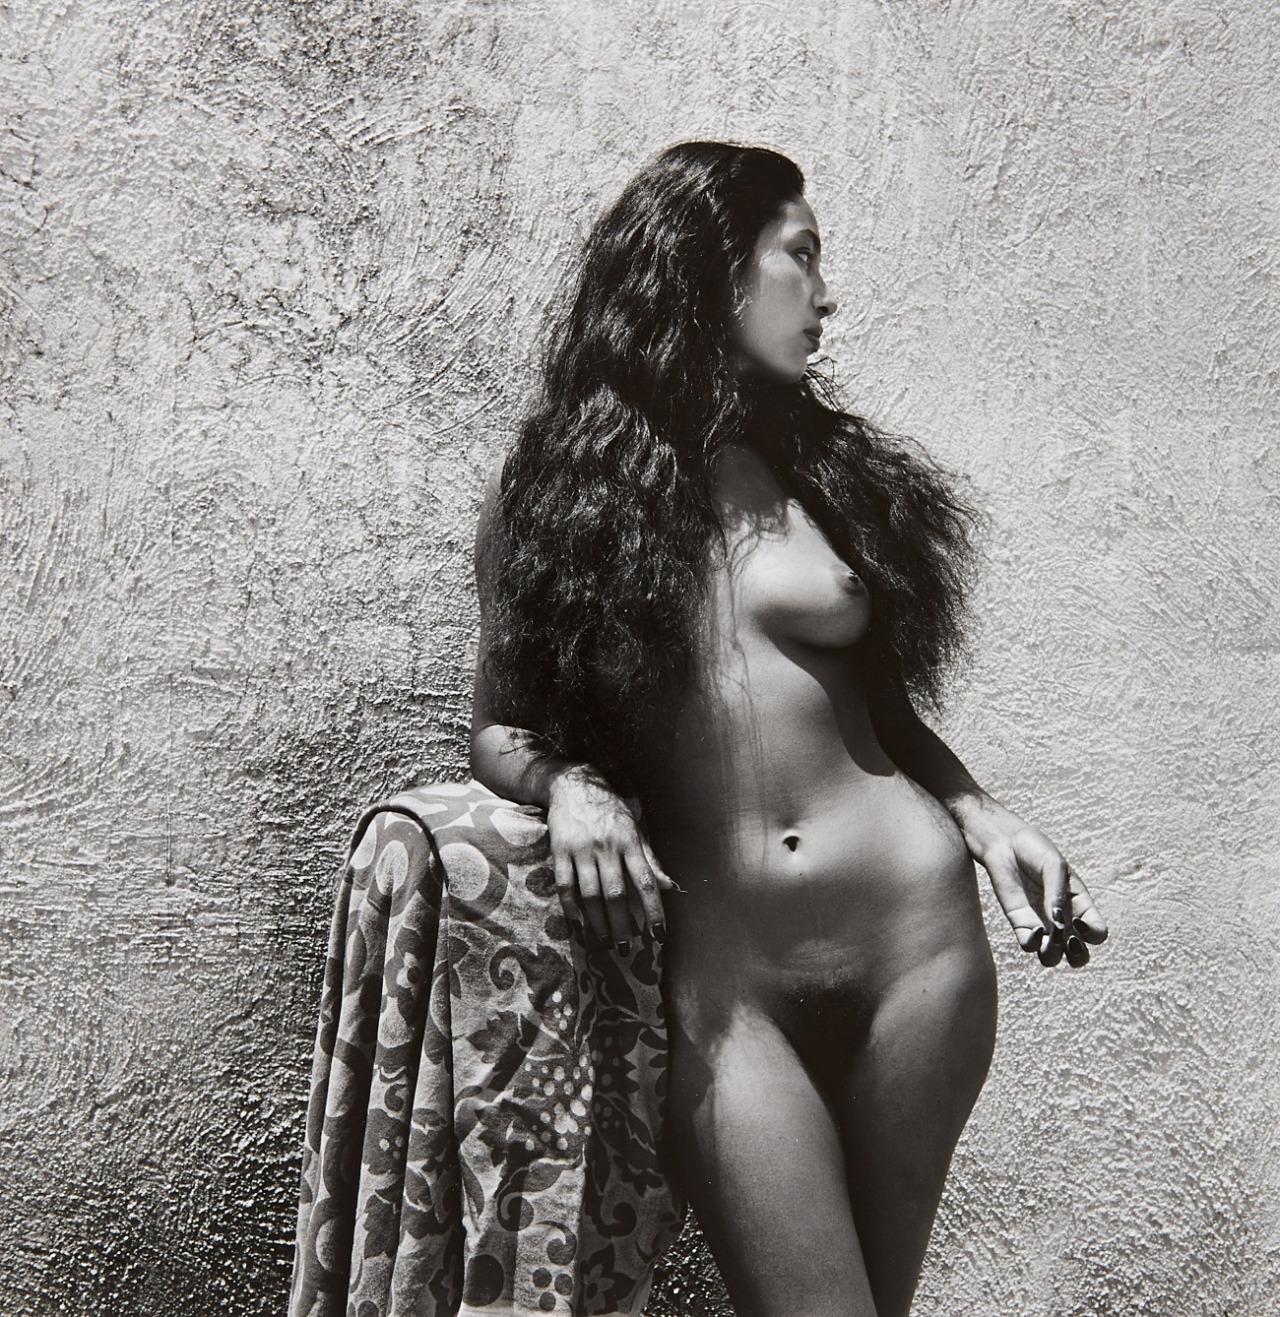 героиня обнаженные старые черно белые фотографии заводит то, что